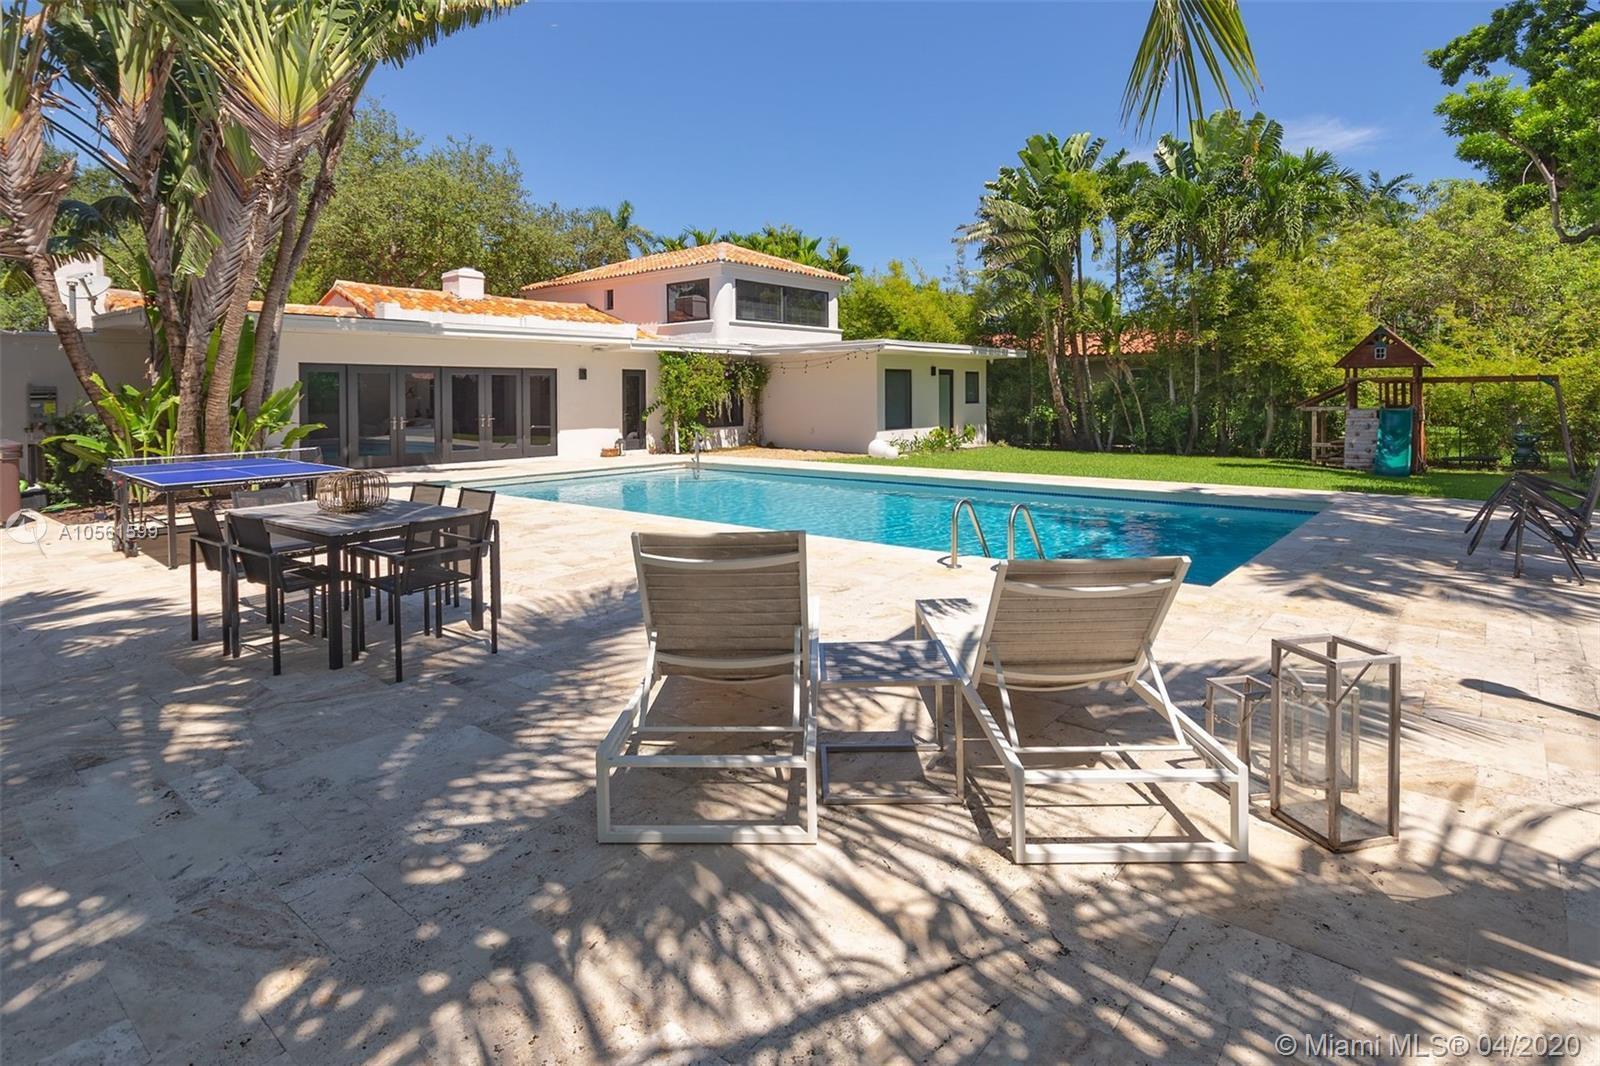 1040 NE 96th St, Miami Shores, FL, 33138